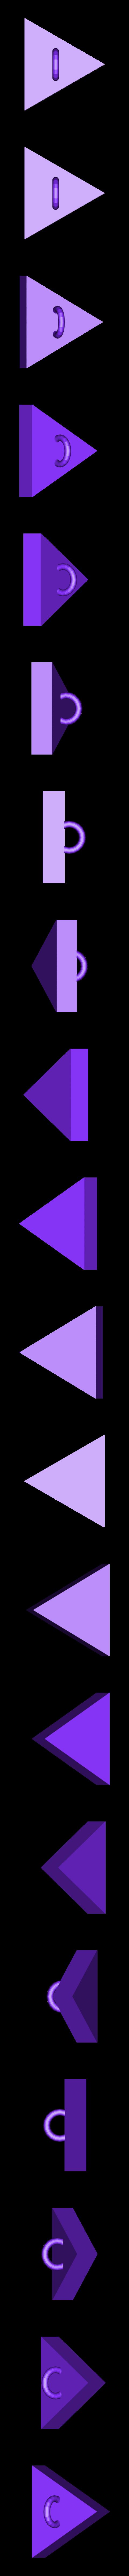 keyPrism.stl Télécharger fichier STL gratuit Prism Organizer • Objet pour impression 3D, ThomasRaygasse